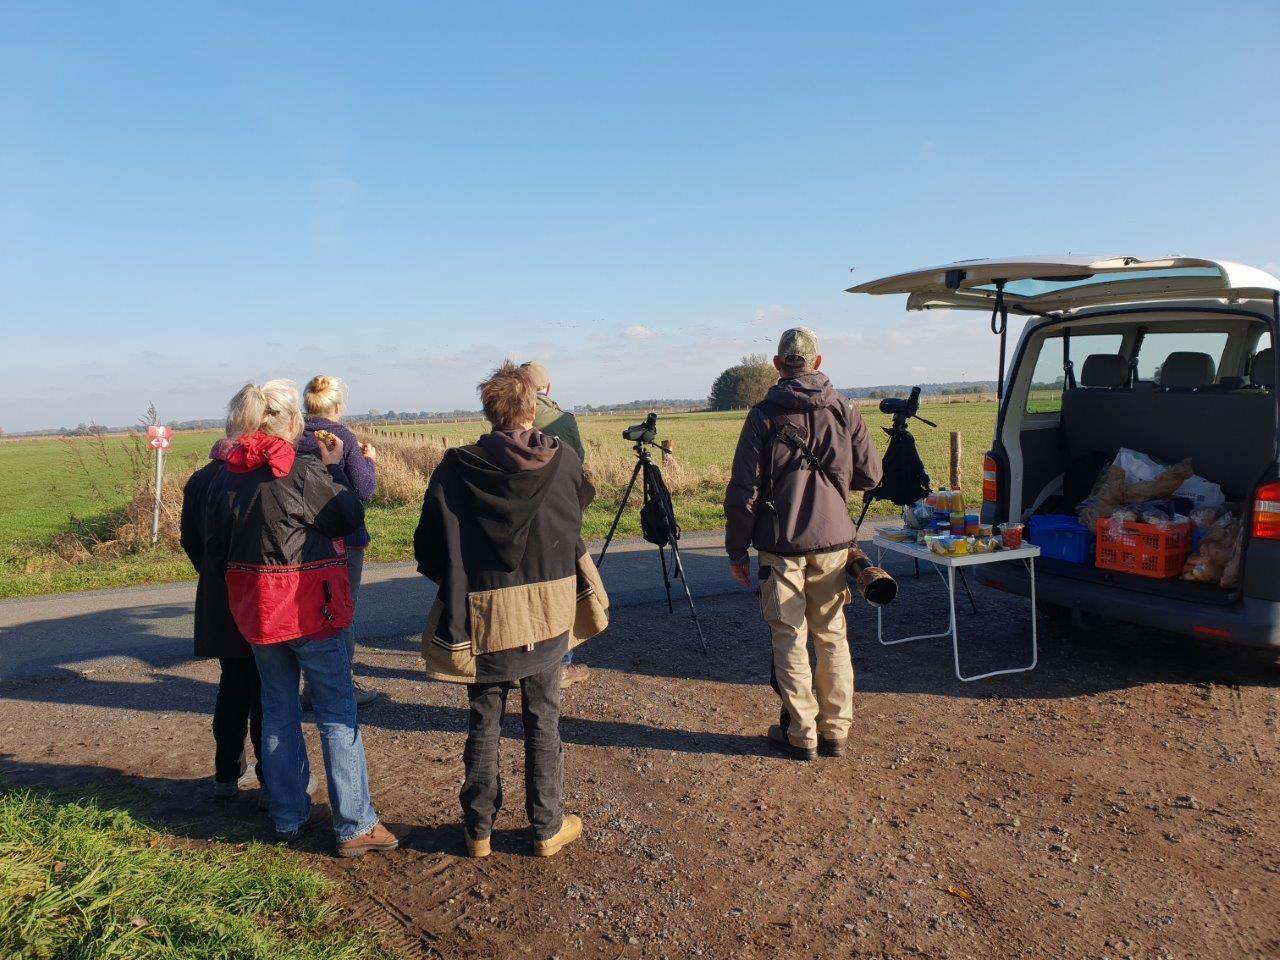 Kraanvogelexcursie 2018 Honderden Kraanvogels tijdens de lunch